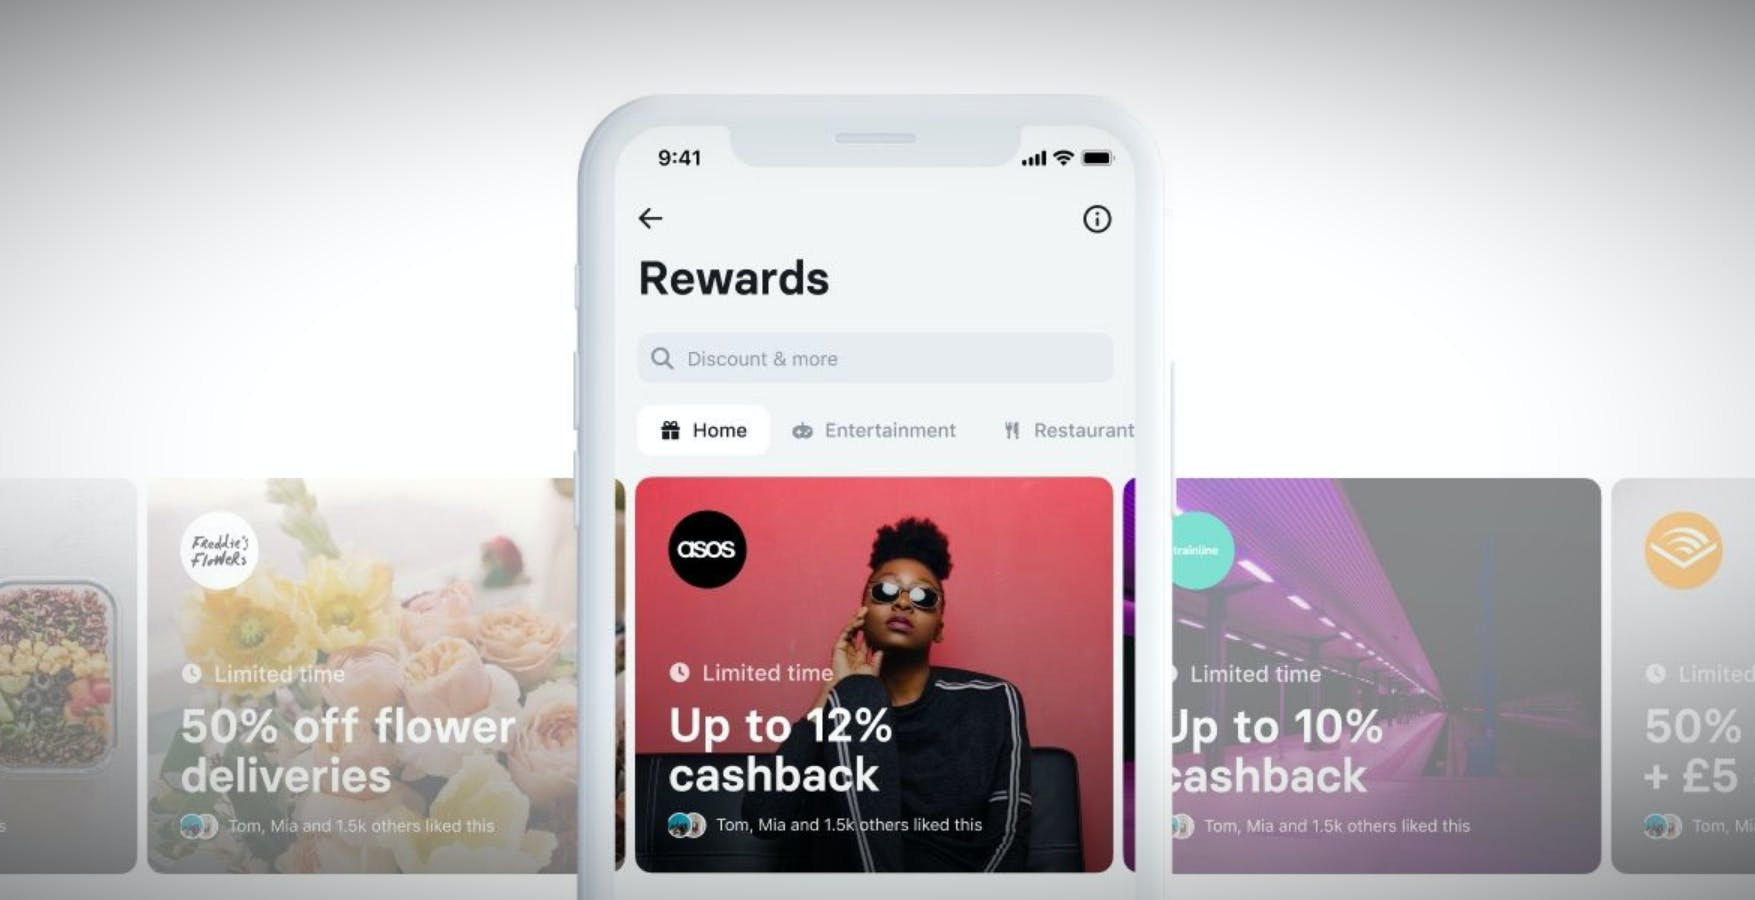 Revolut introduce cashback e sconti immediati sugli acquisti, anche online